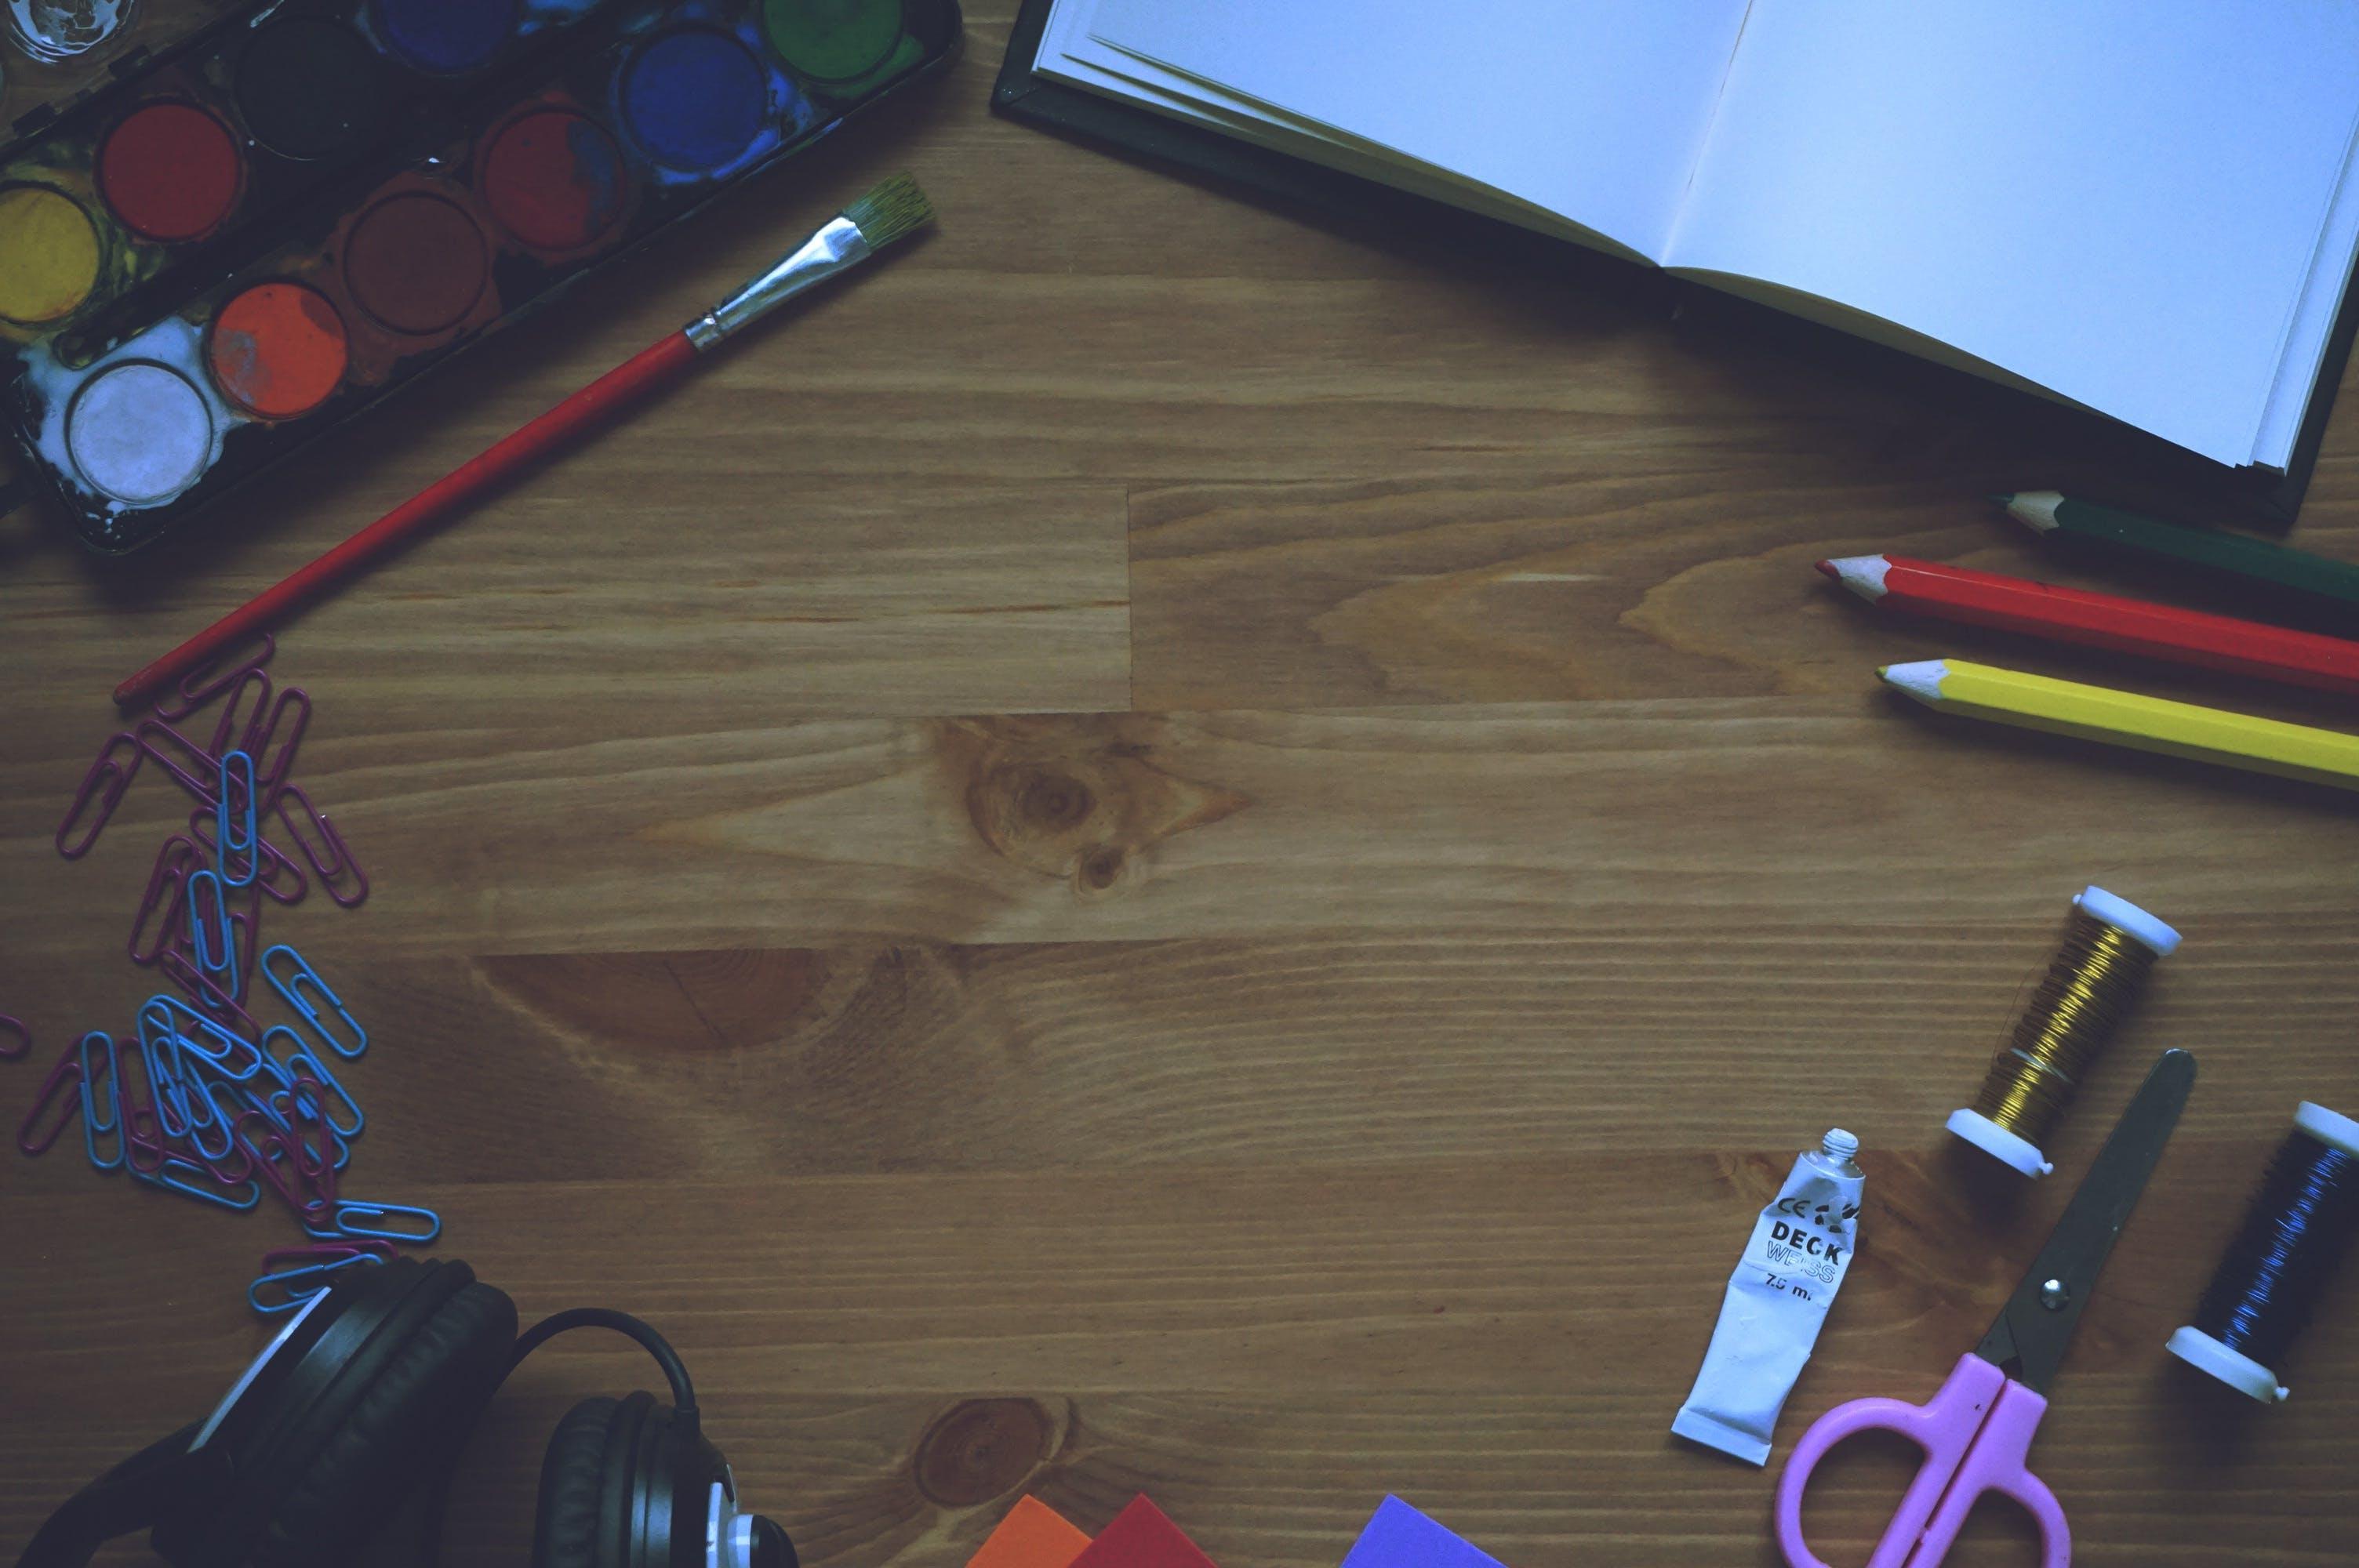 Foto profissional grátis de ambiente de trabalho, arte, artes aplicadas, caderno